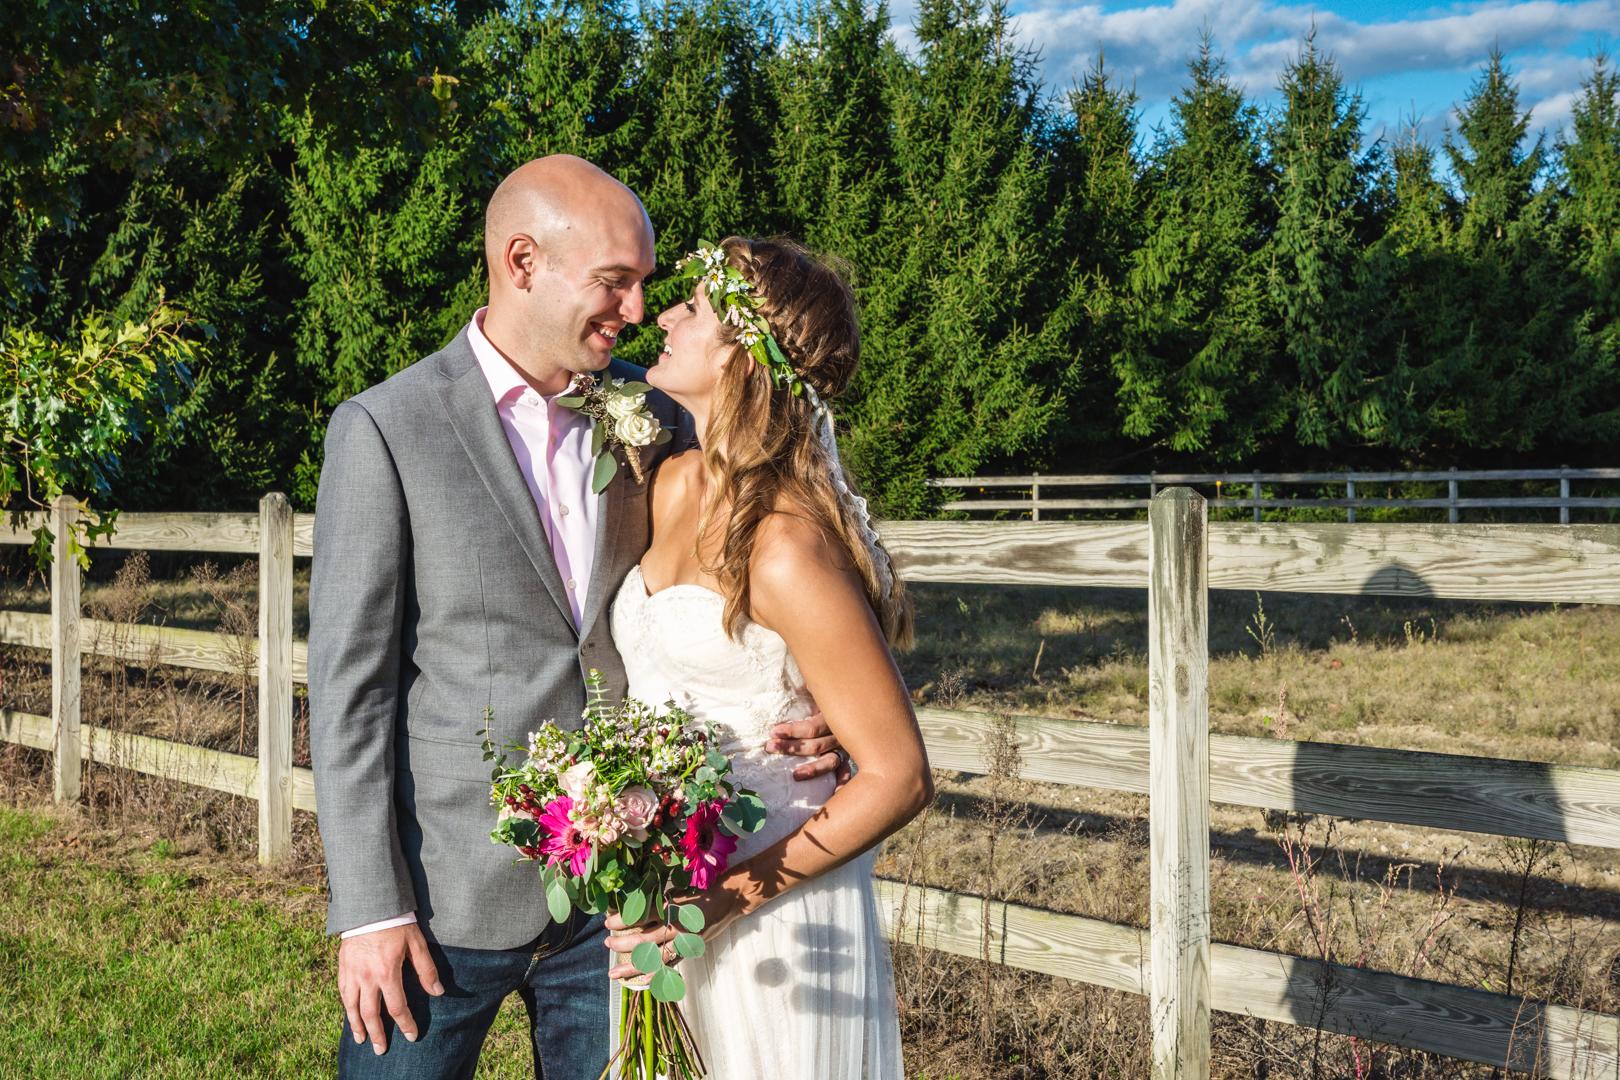 Graudons-NewYork-Farm-Wedding-3208.jpg